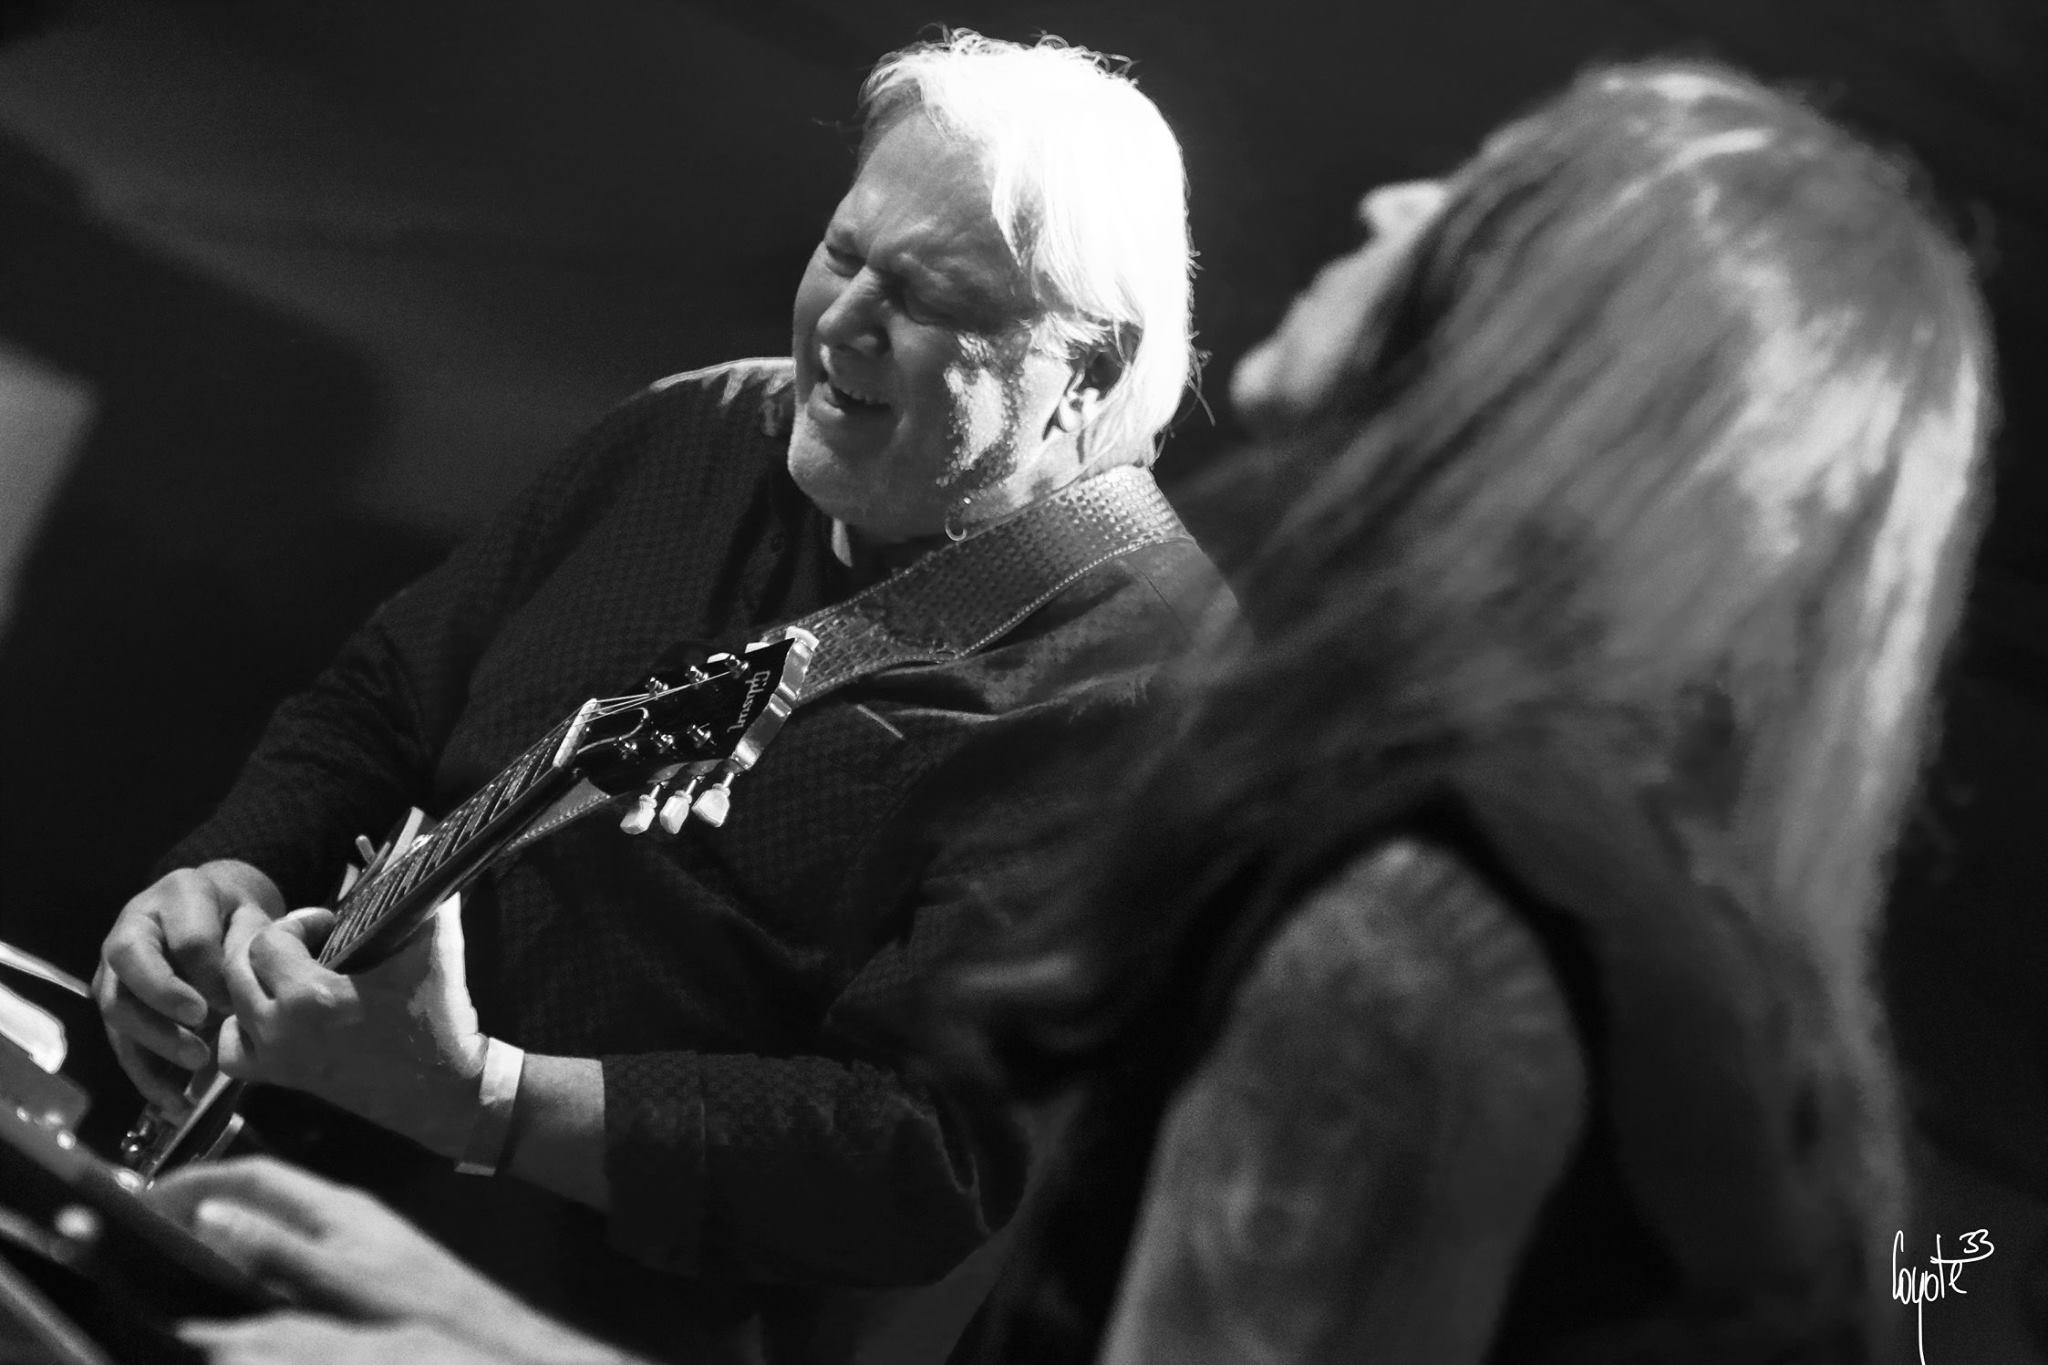 Luboš Andršt Blues Band - zleva: Luboš Andršt a Jan Holeček